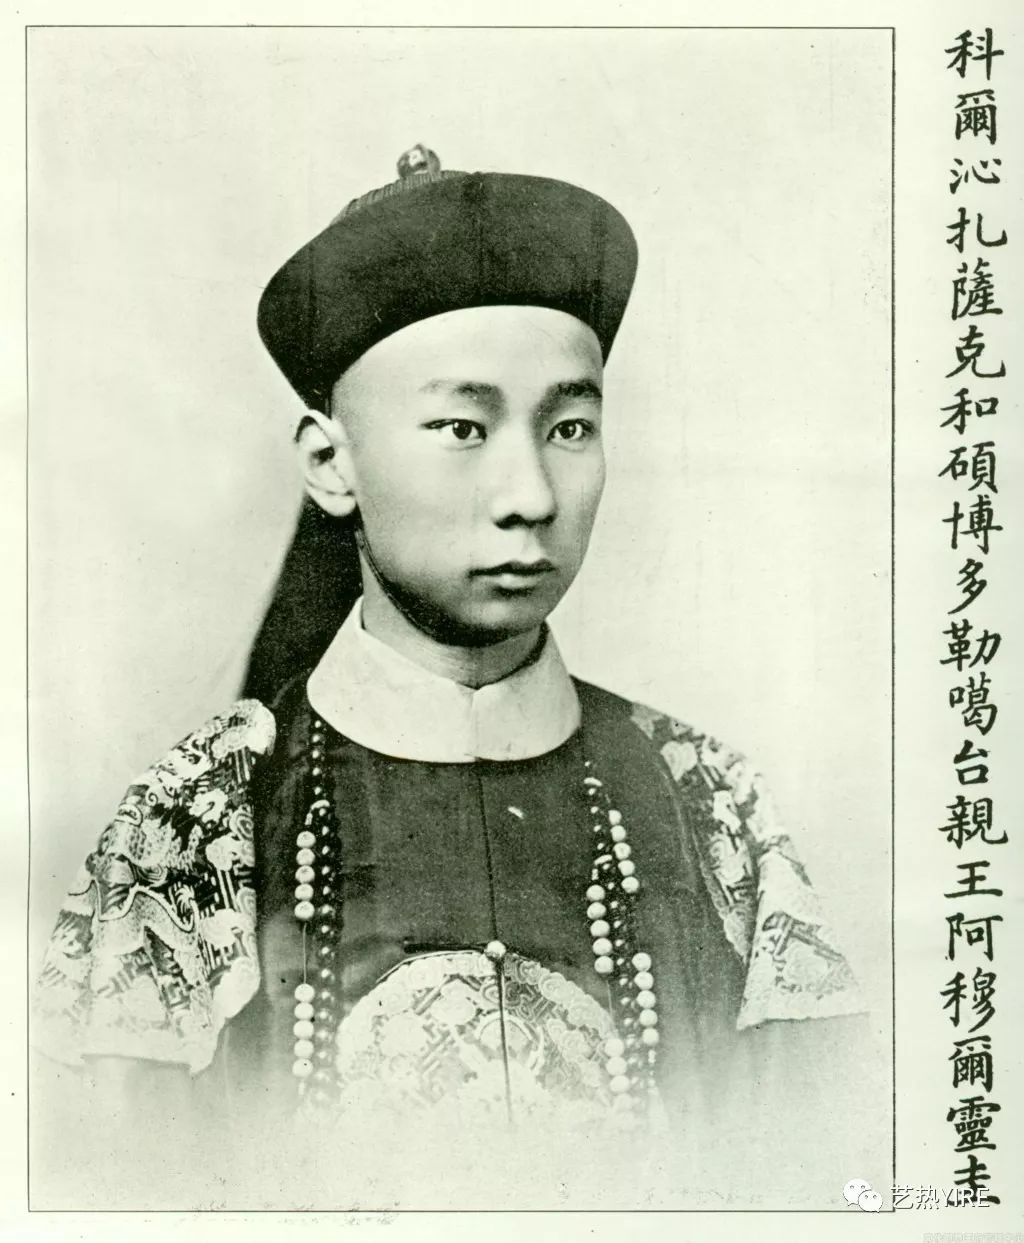 【蒙古历史】科尔沁蒙古民族老照片 太罕见了! 第6张